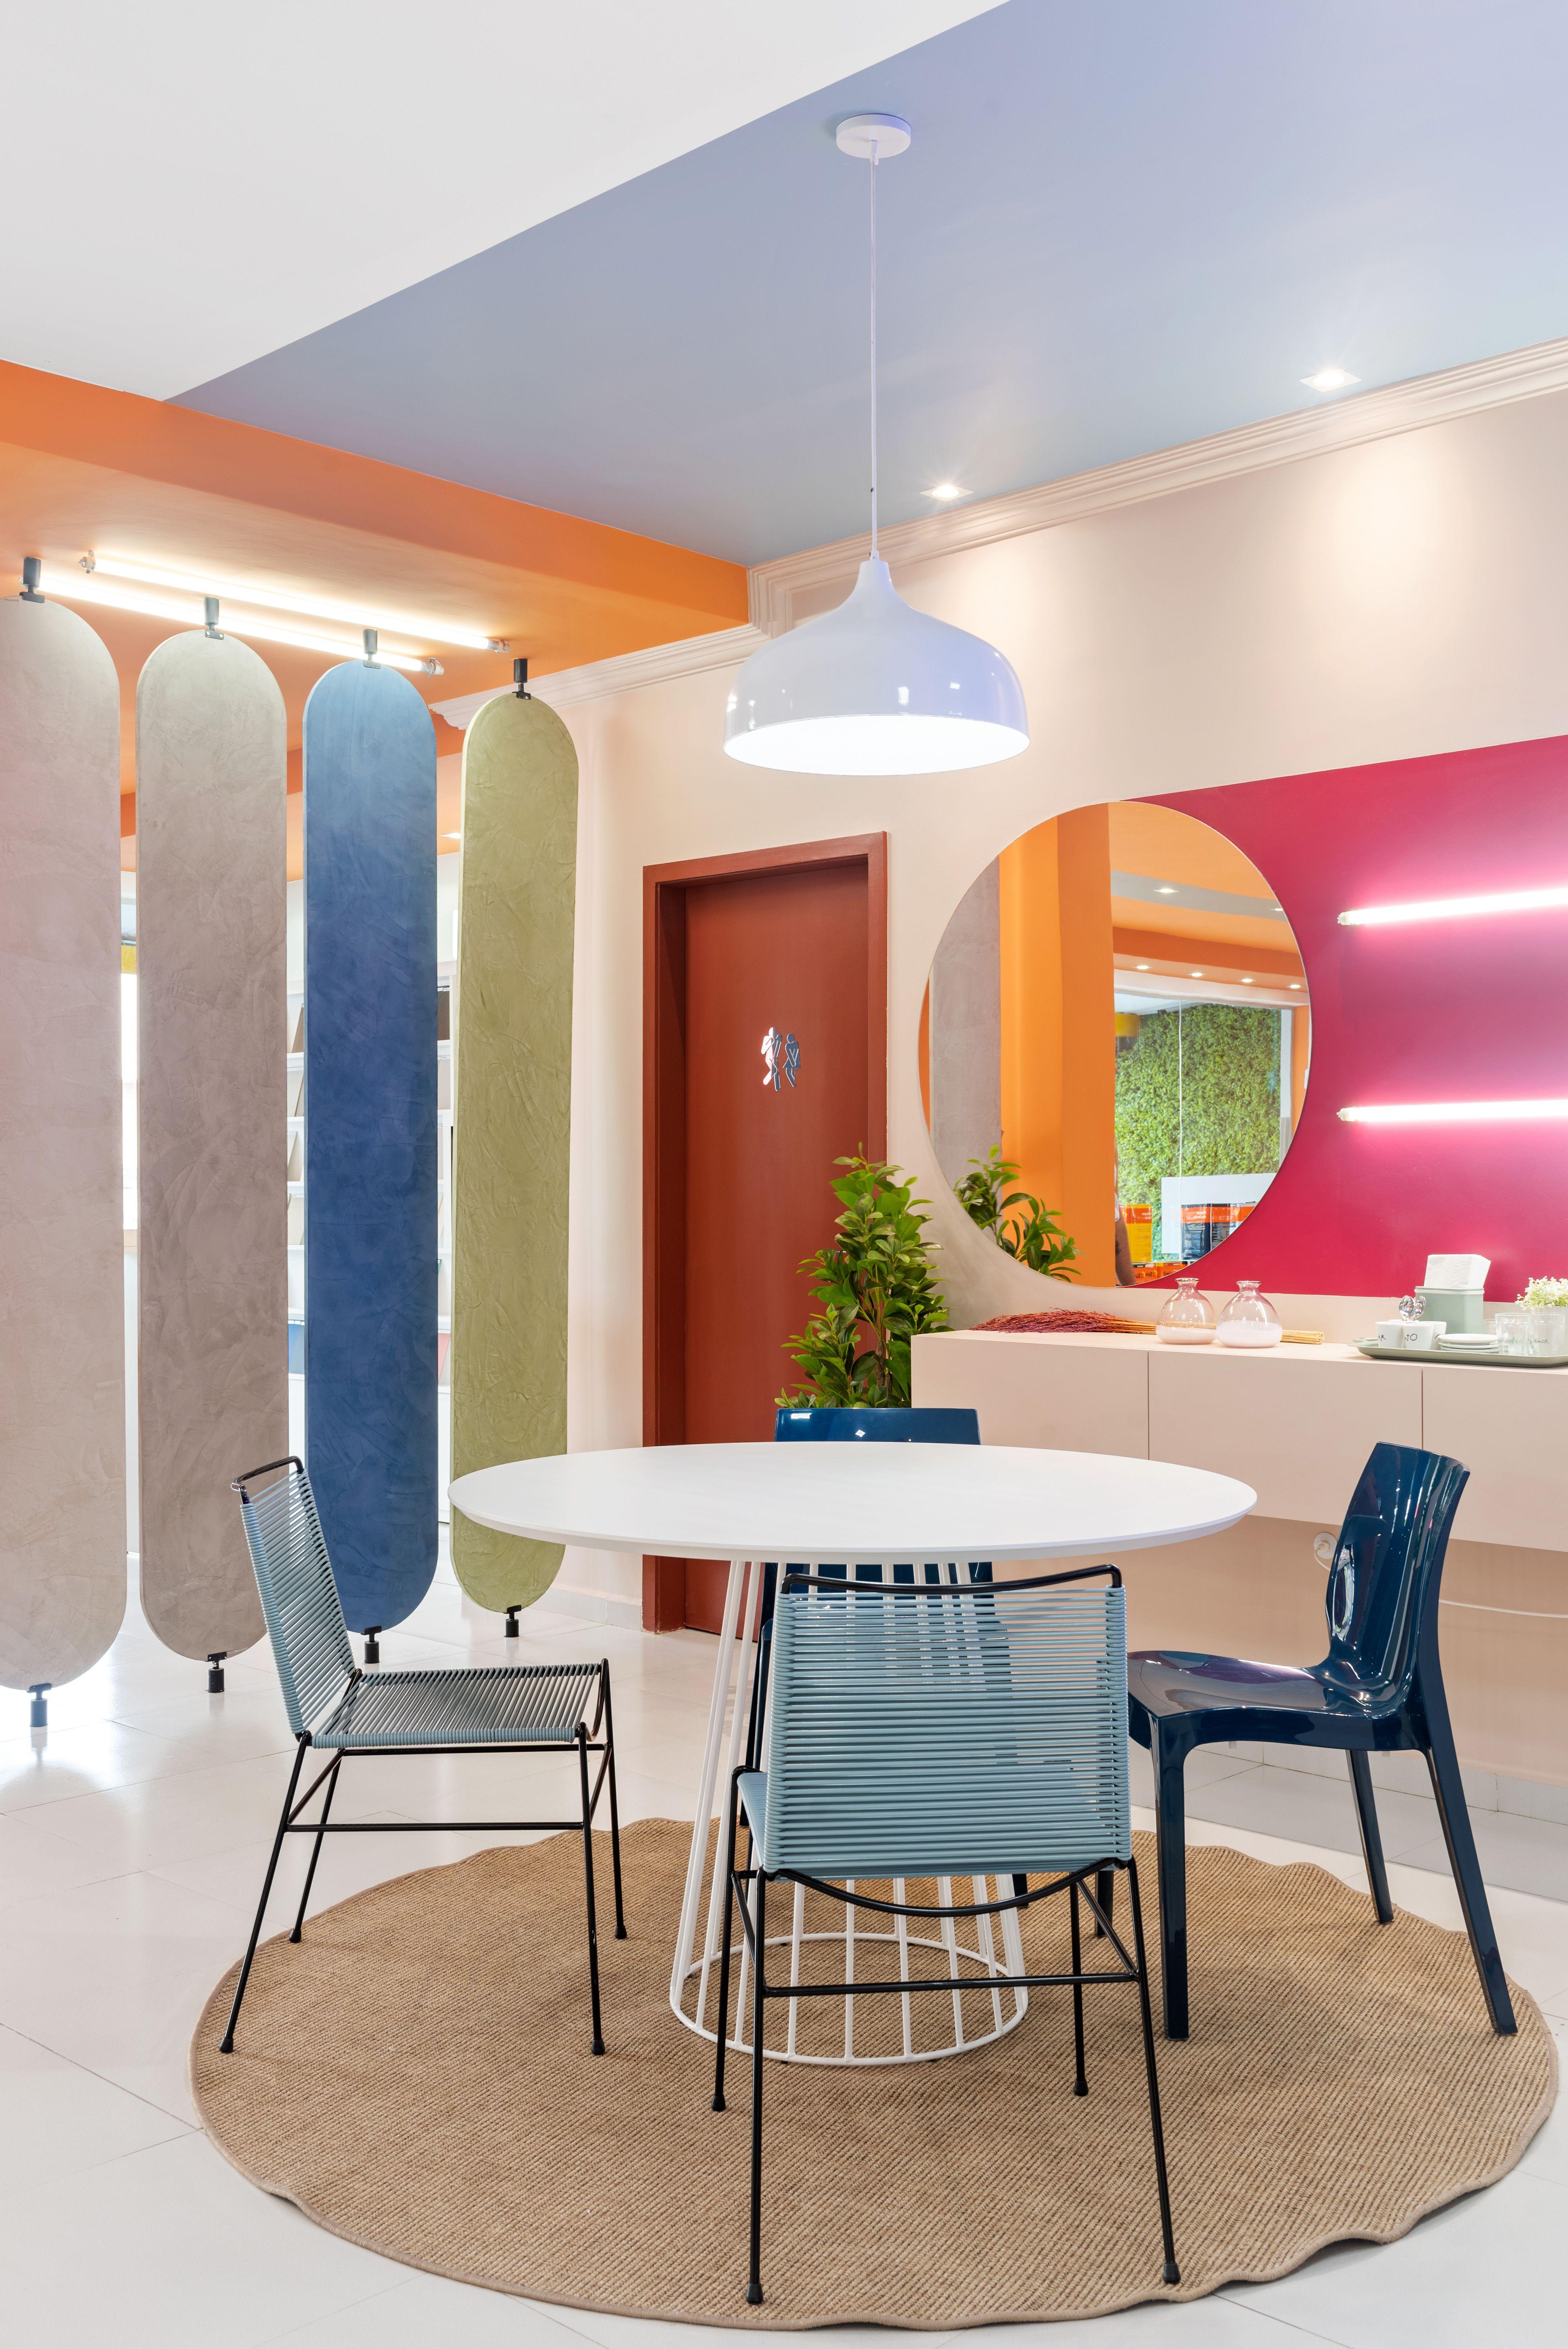 Foto de ambiente na loja Monza Tintas com uma mesa branca em primeiro plano com cadeiras azul. Ao fundo, parede do lado direito com um espelho e uma faixa em um tom de rosa intenso e luzes. Ao lado esquerdo, uma porta e alguns painéis de madeira em cores diversas